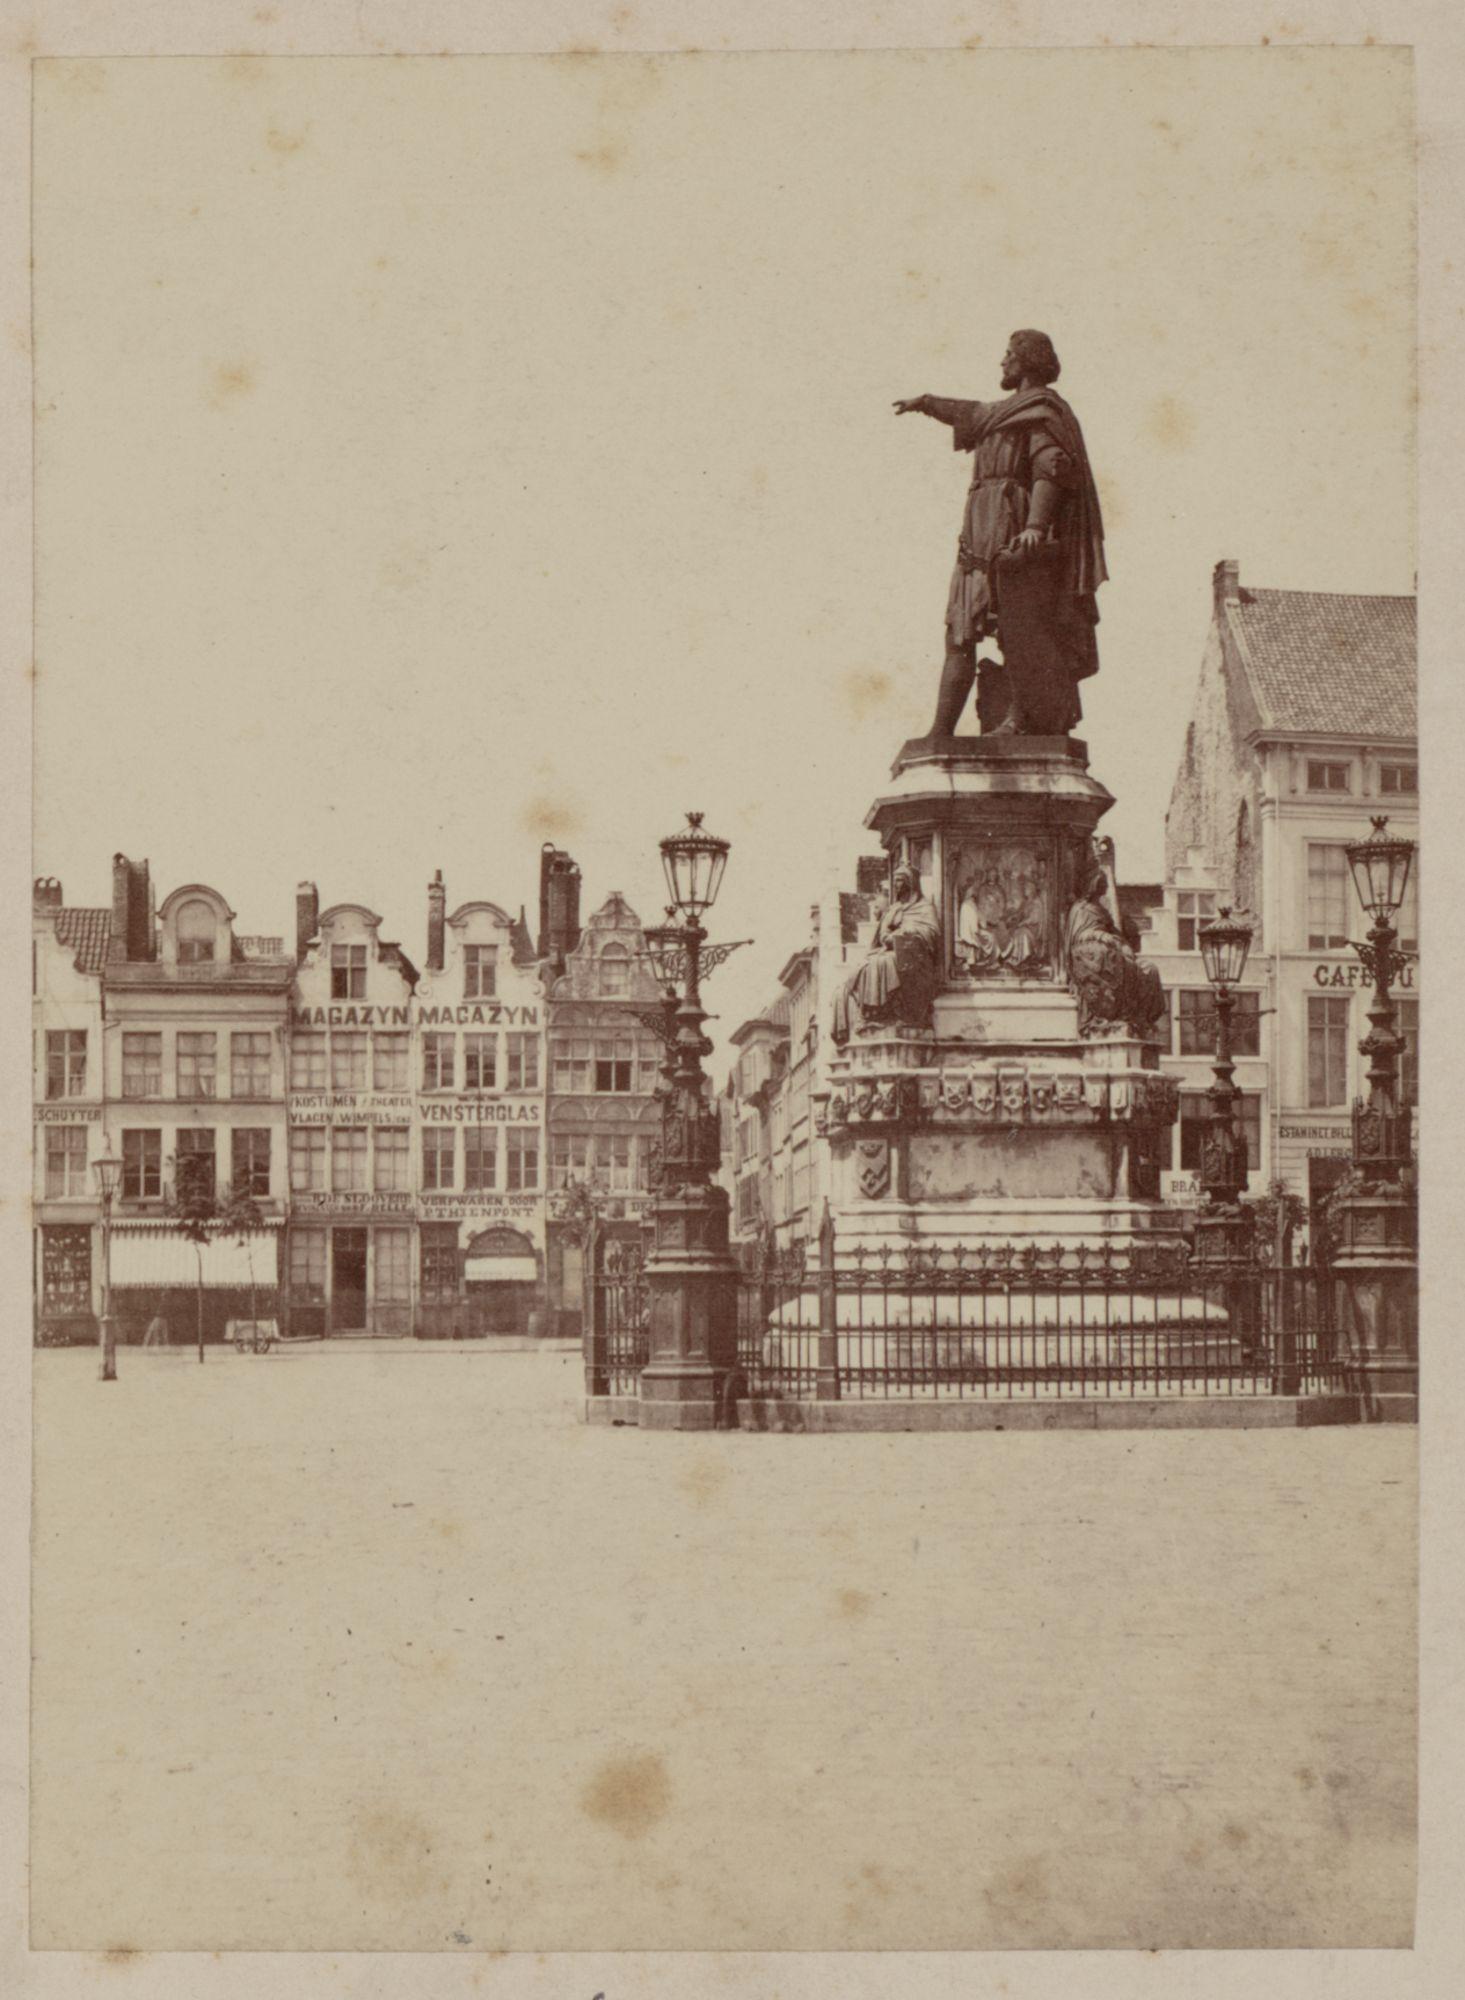 Gent: Vrijdagmarkt, standbeeld Jacob van Artevelde